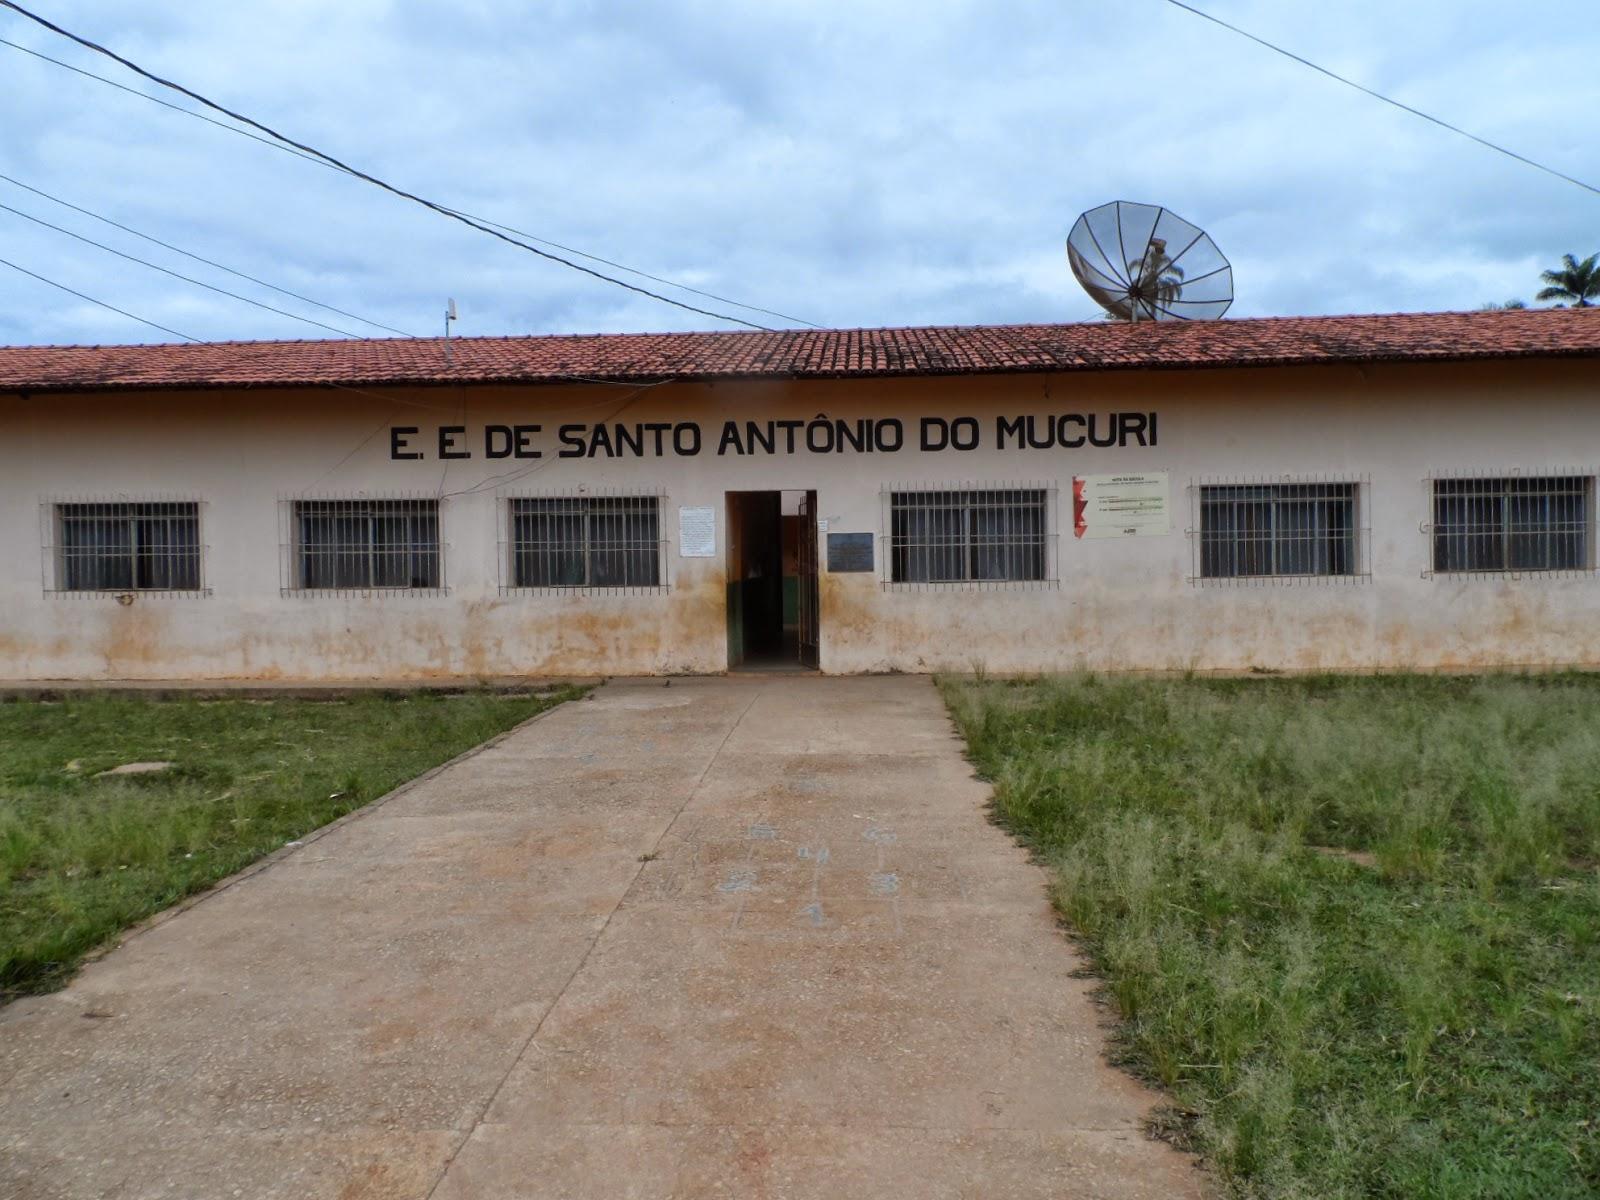 Escola de Santo Antônio do Mucuri